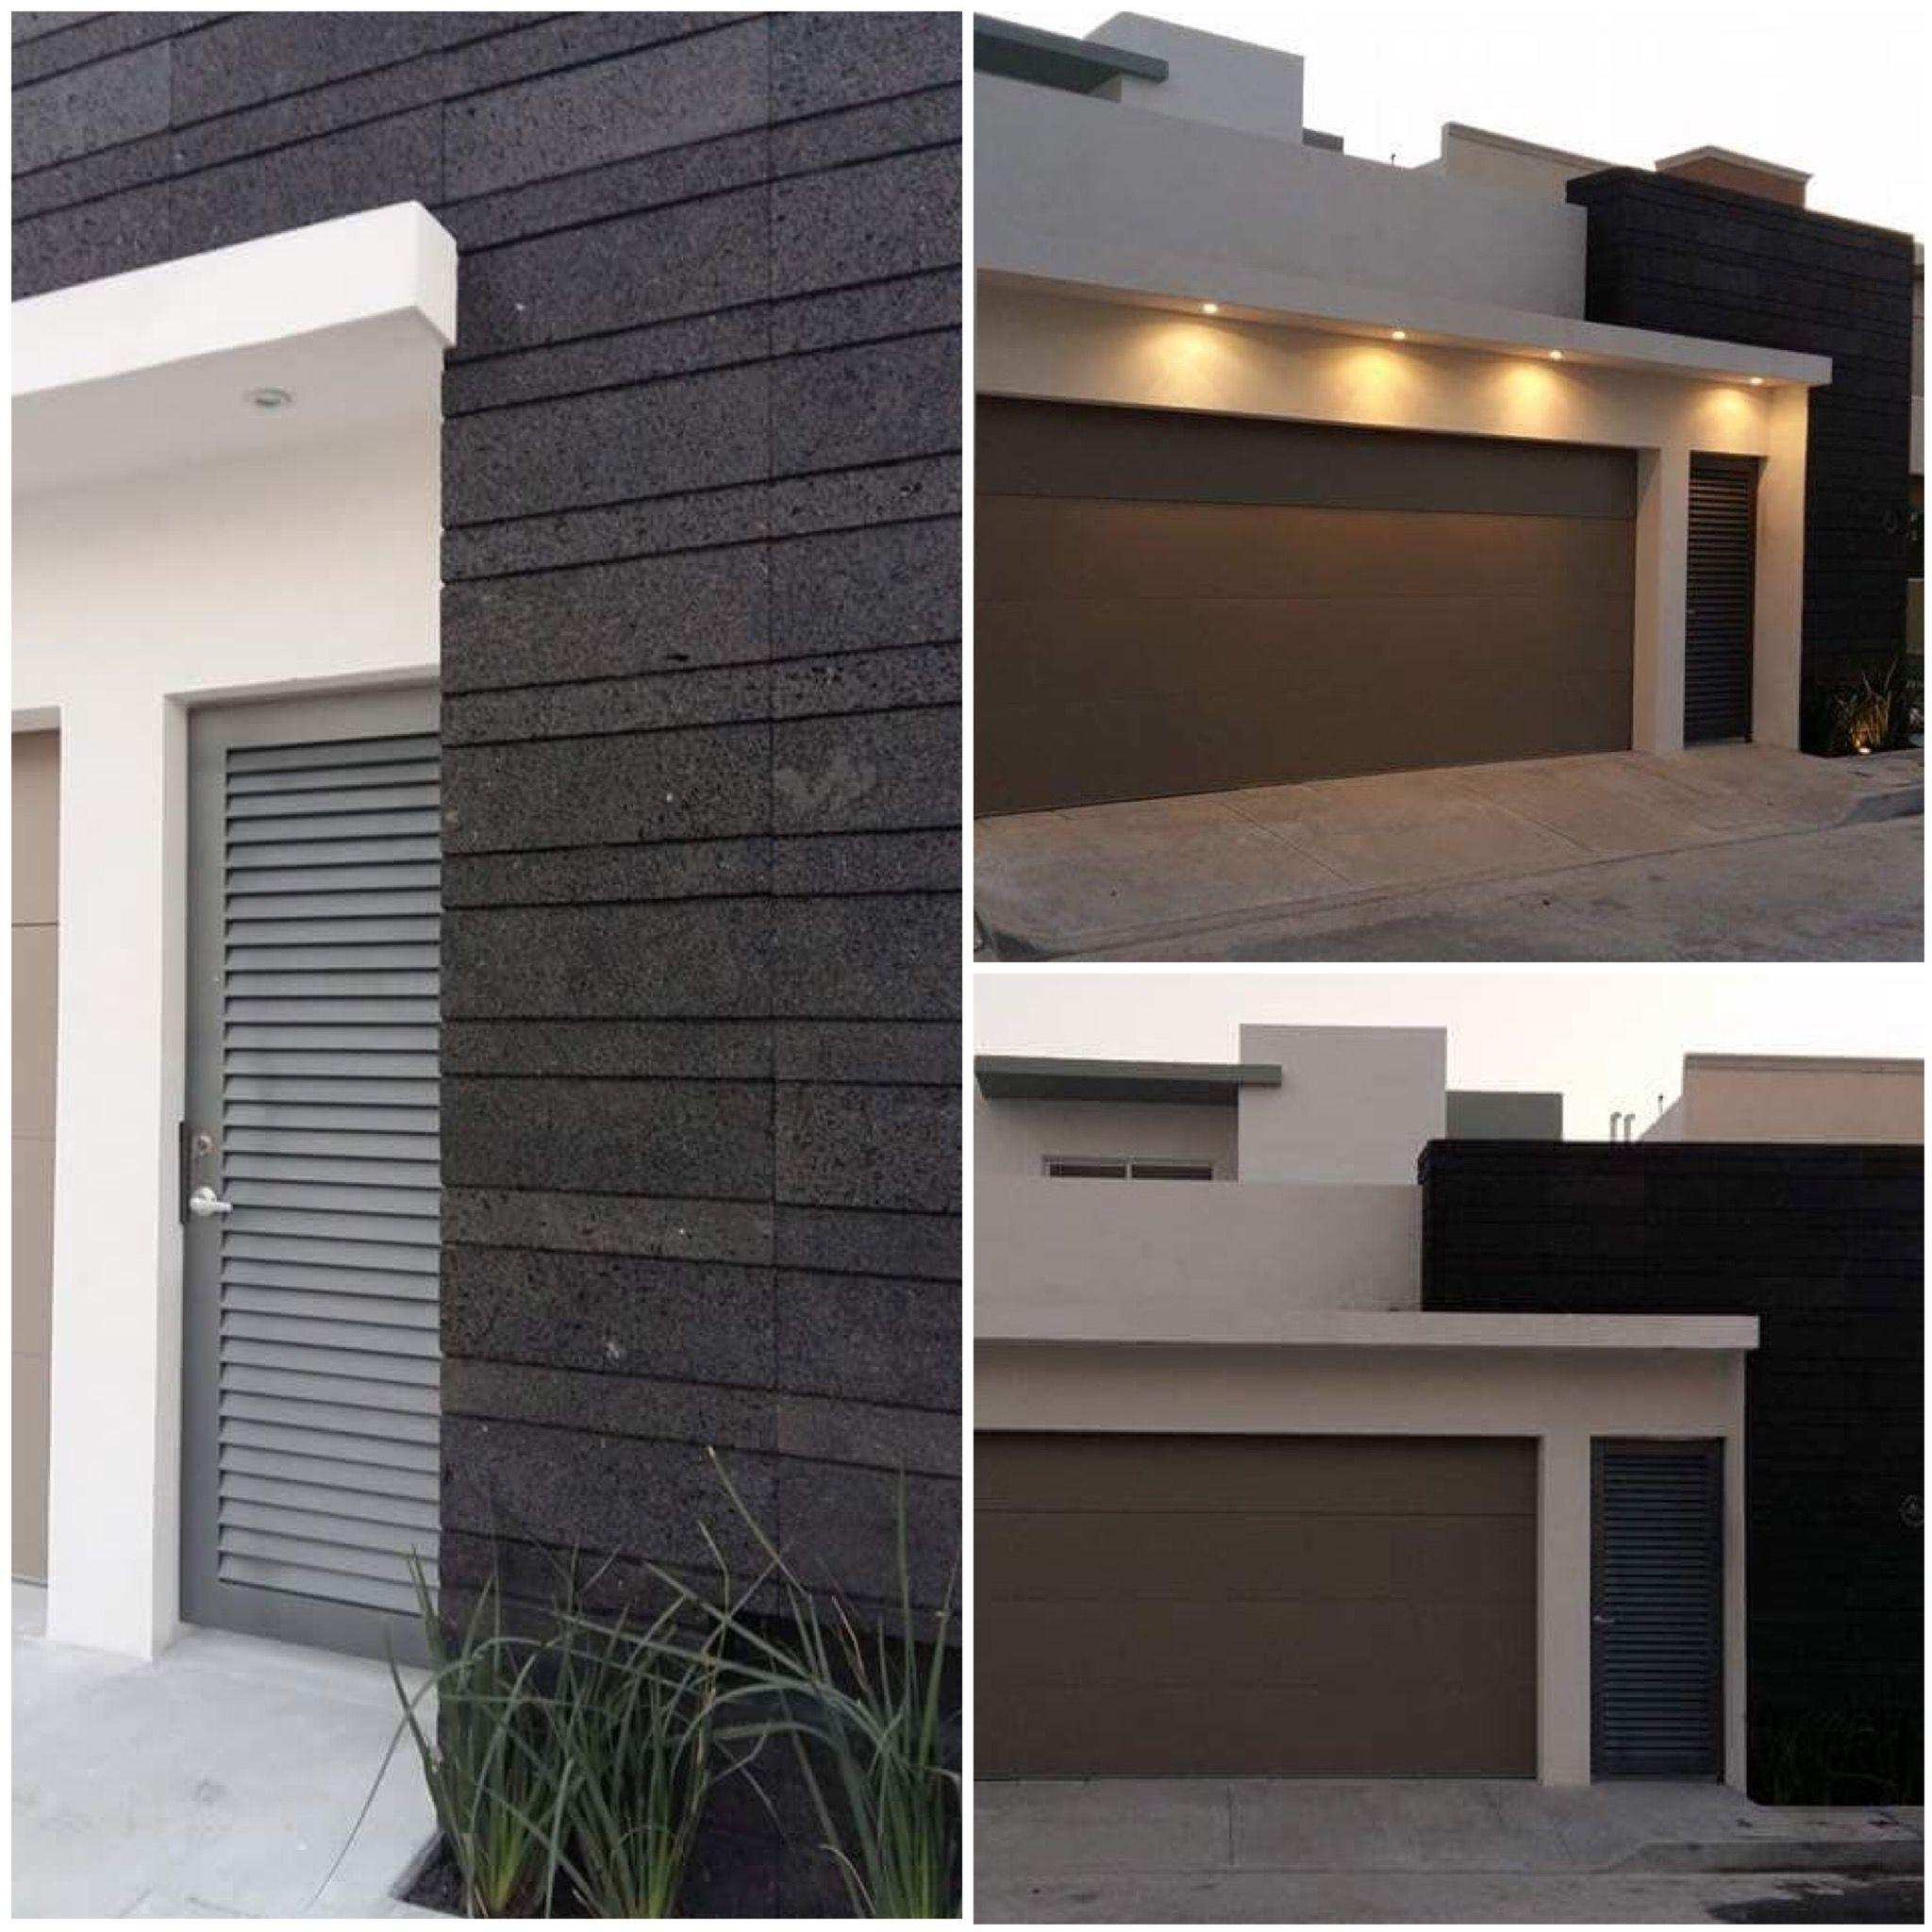 Fachada moderna con cantera de casa mexicana fachada for Casas modernas mexicanas